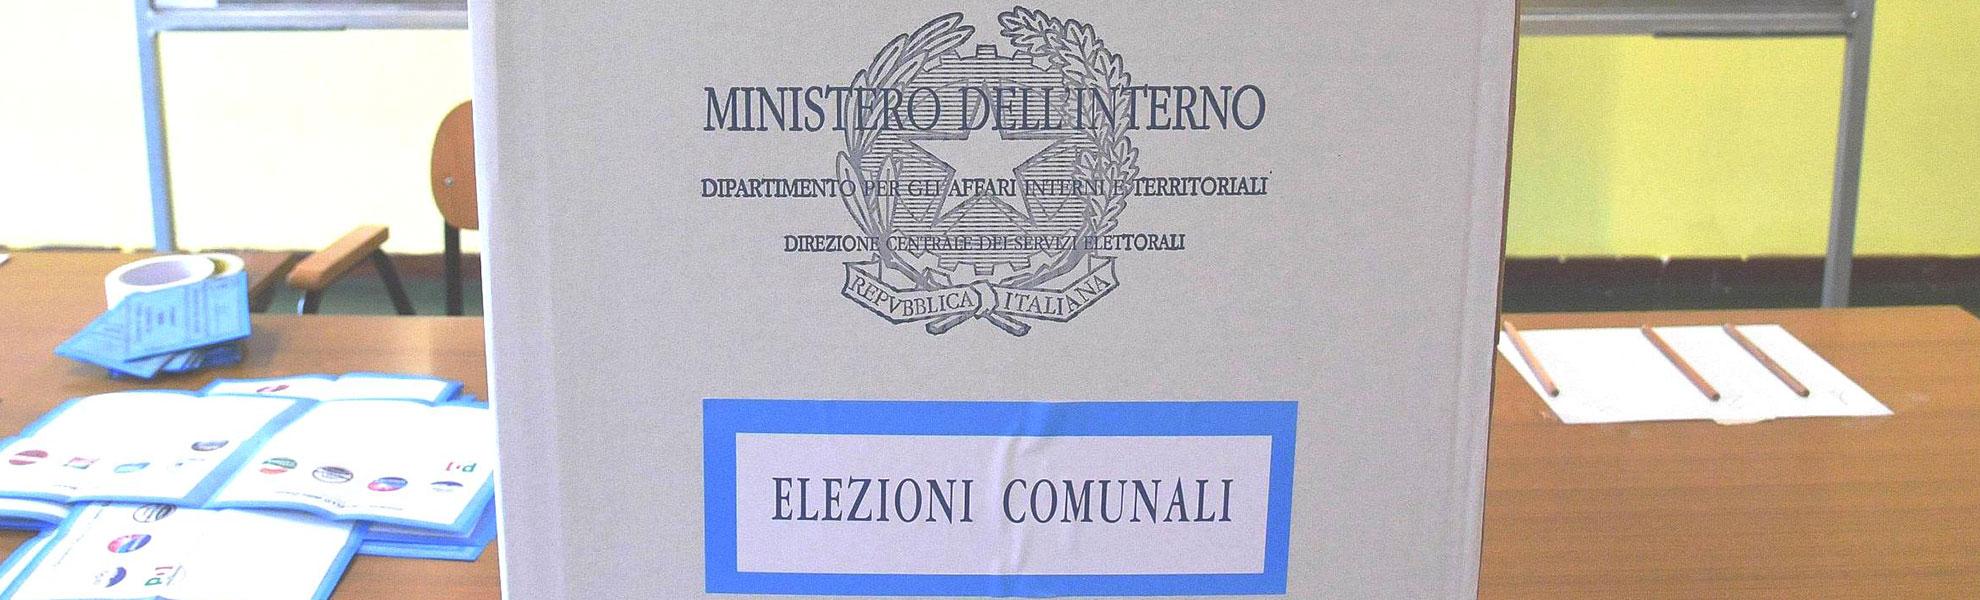 Consultazioni elettorali 3-4 ottobre 2021 – Voto a domicilio e votazione assistita